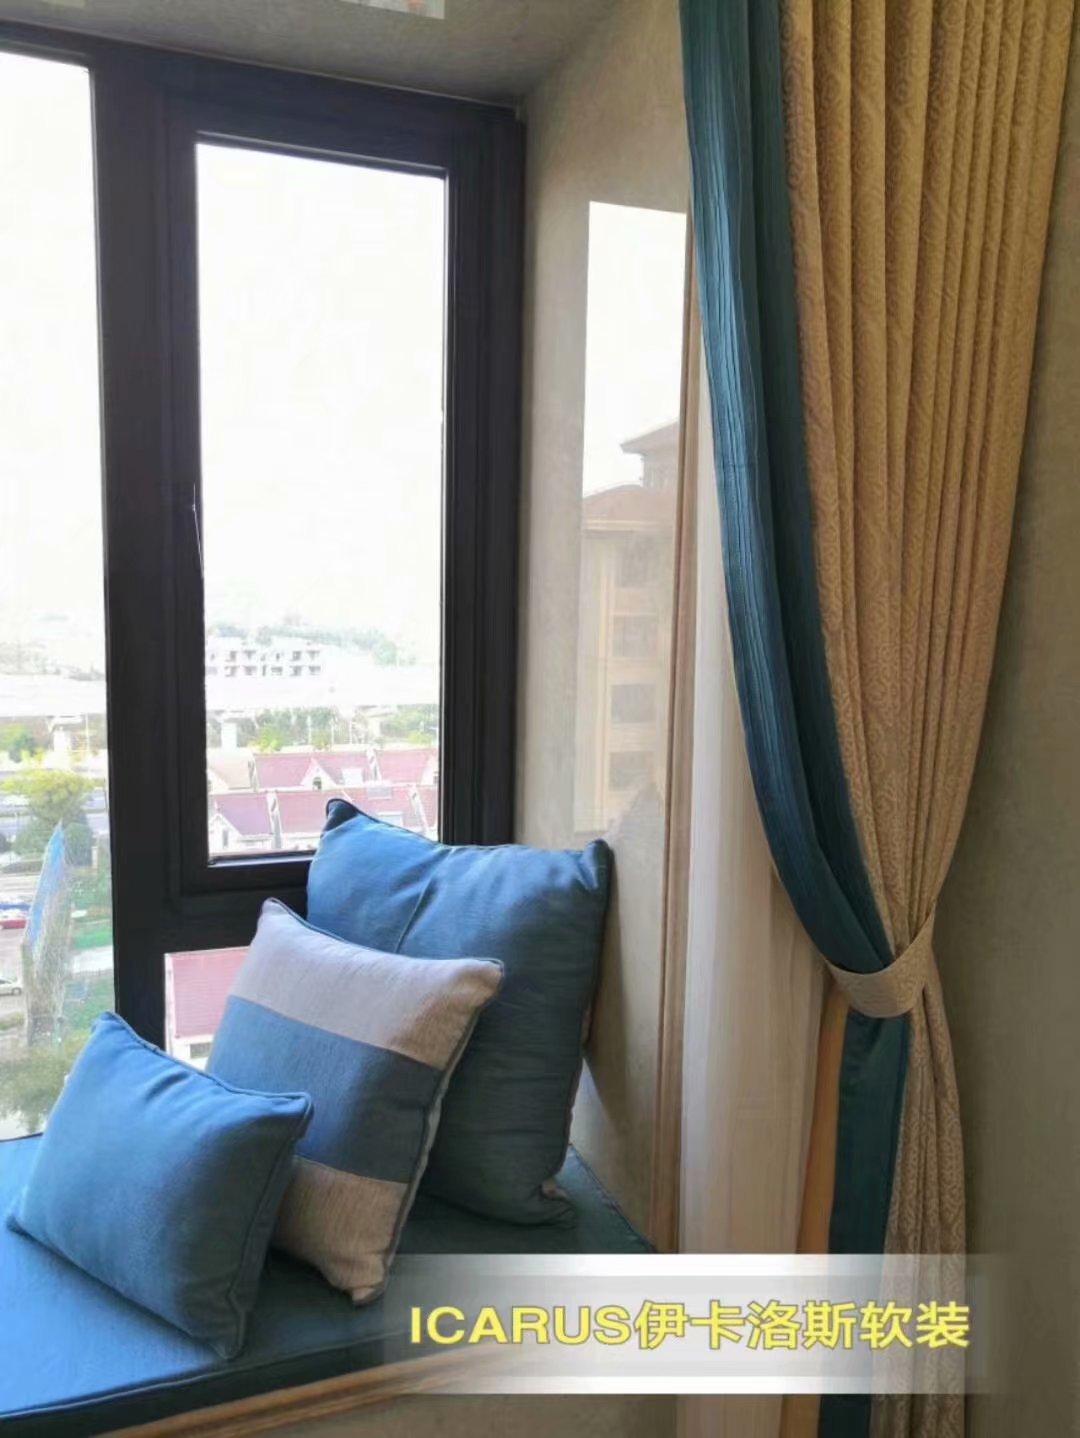 飘窗窗帘怎么挂好看?飘窗窗帘效果图展示